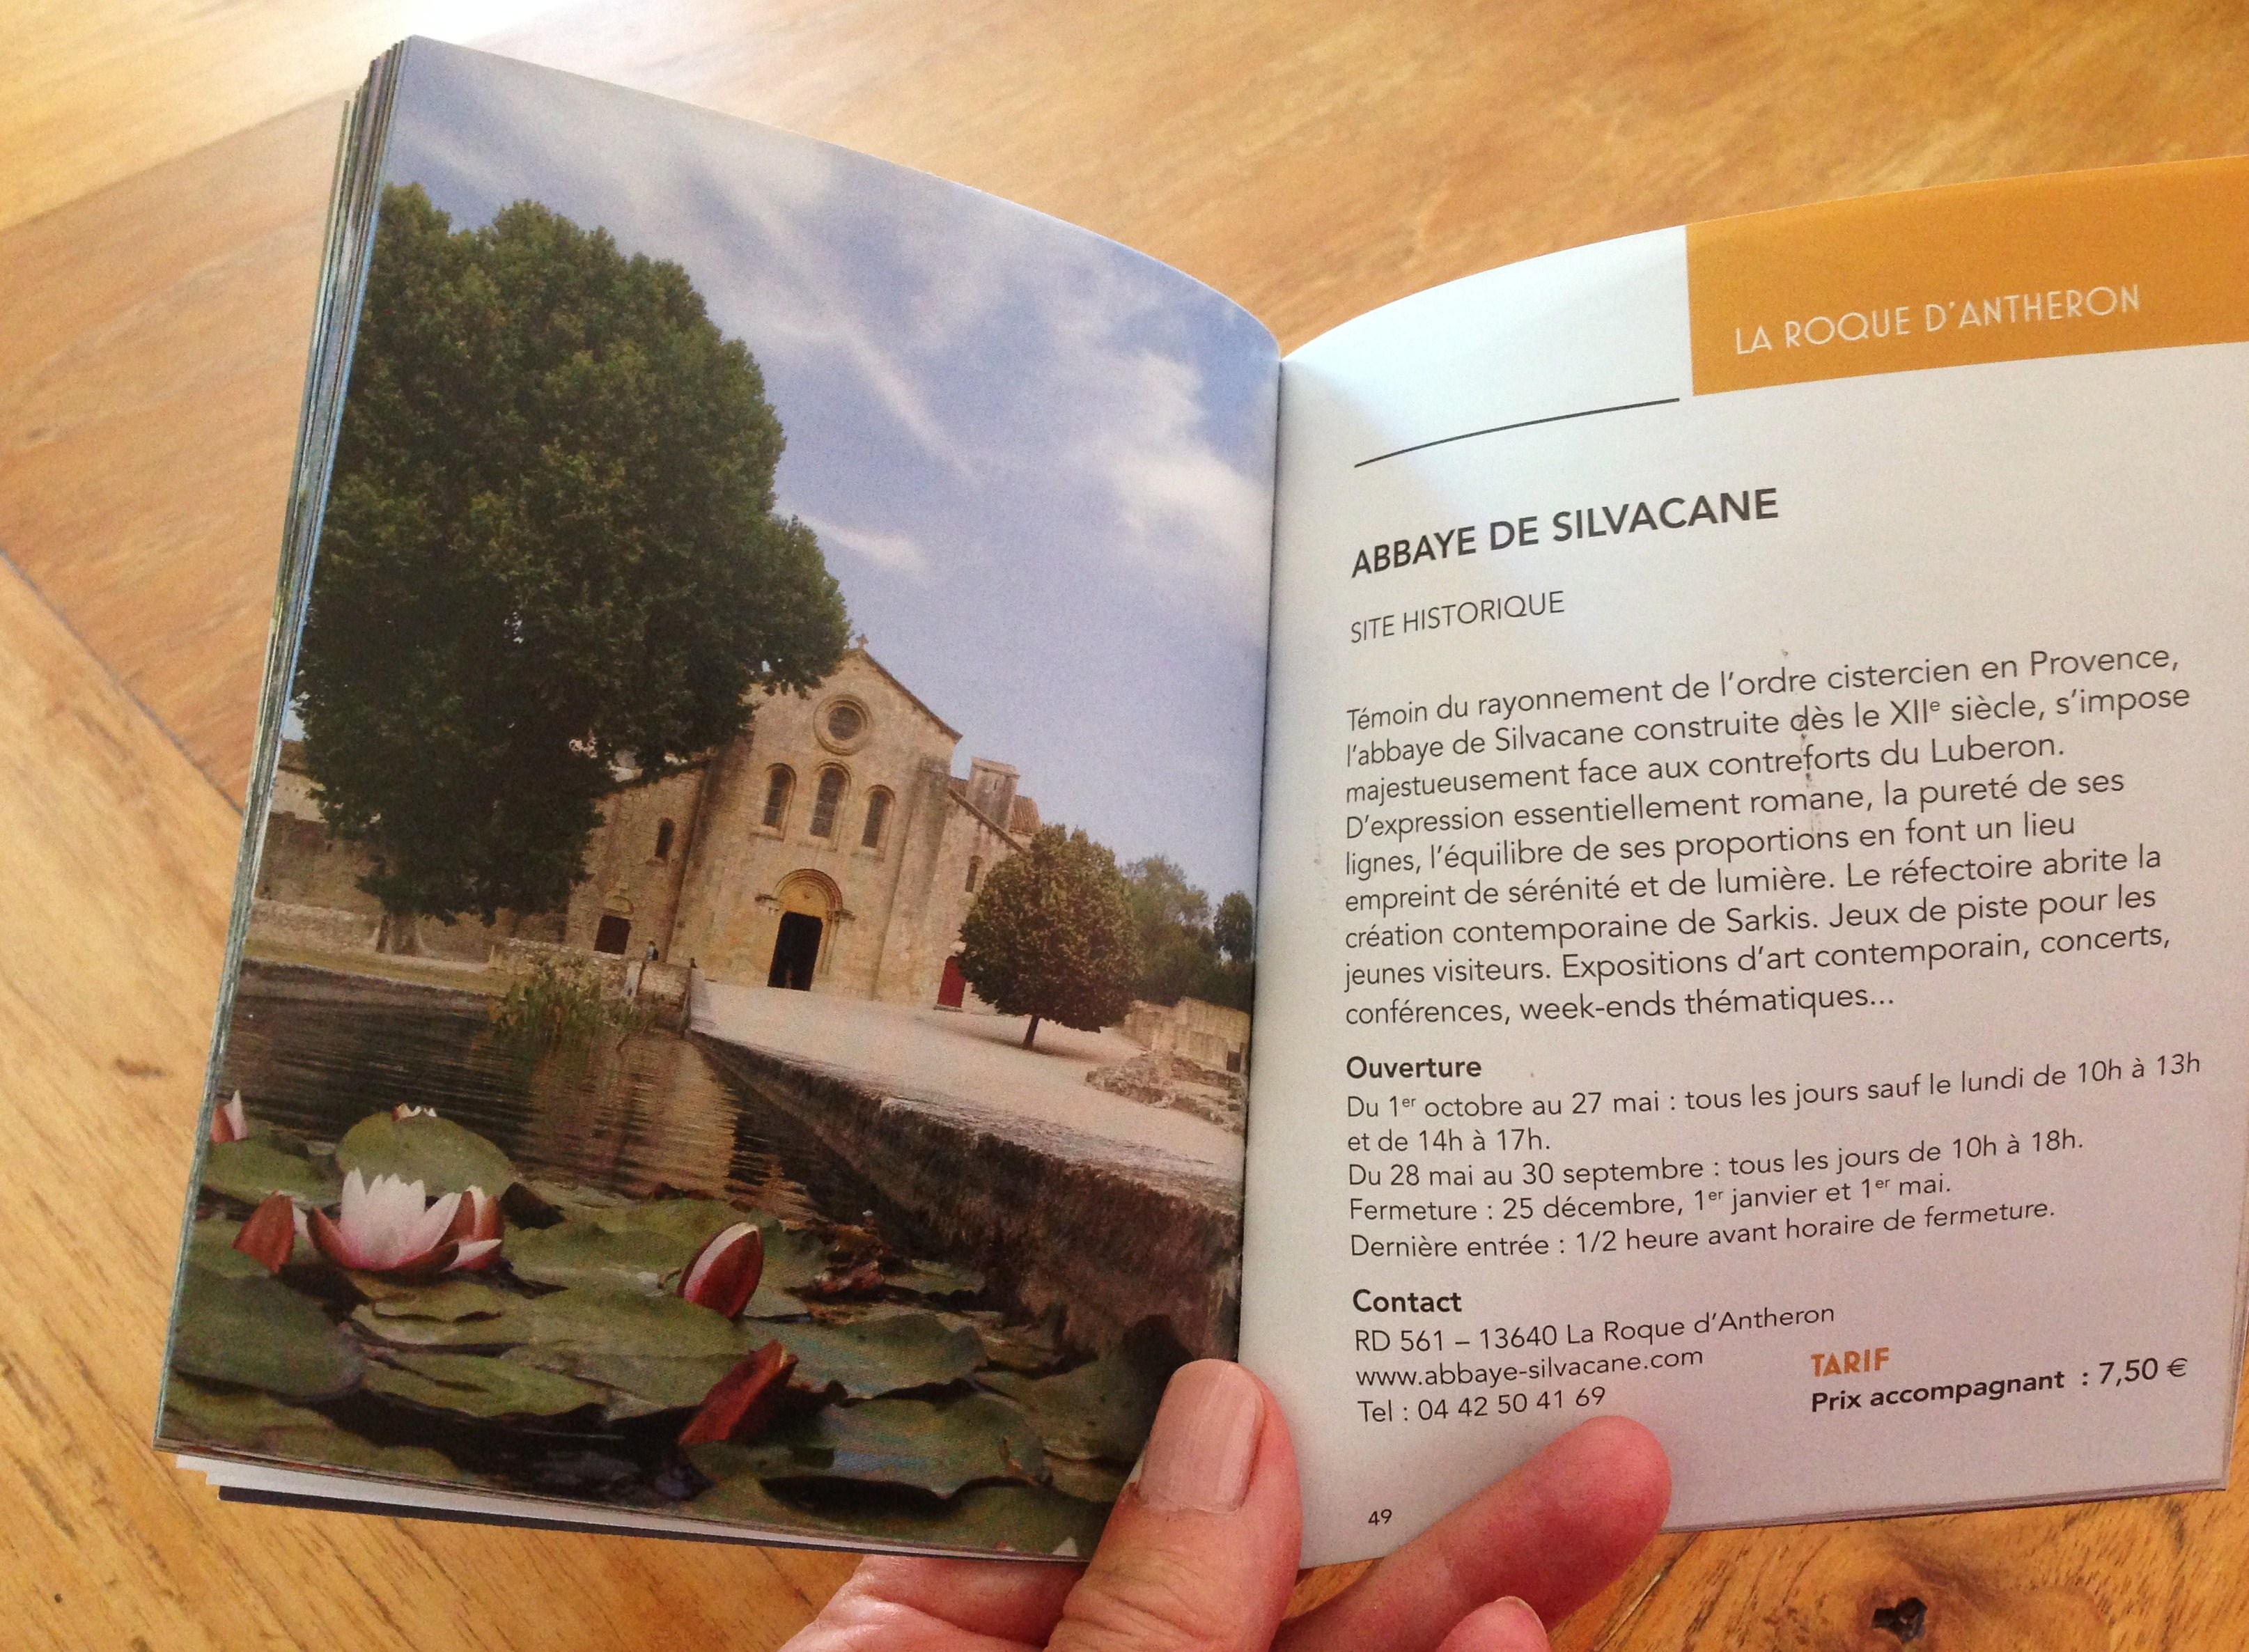 Pass myprovence - Abbaye de Silvacane